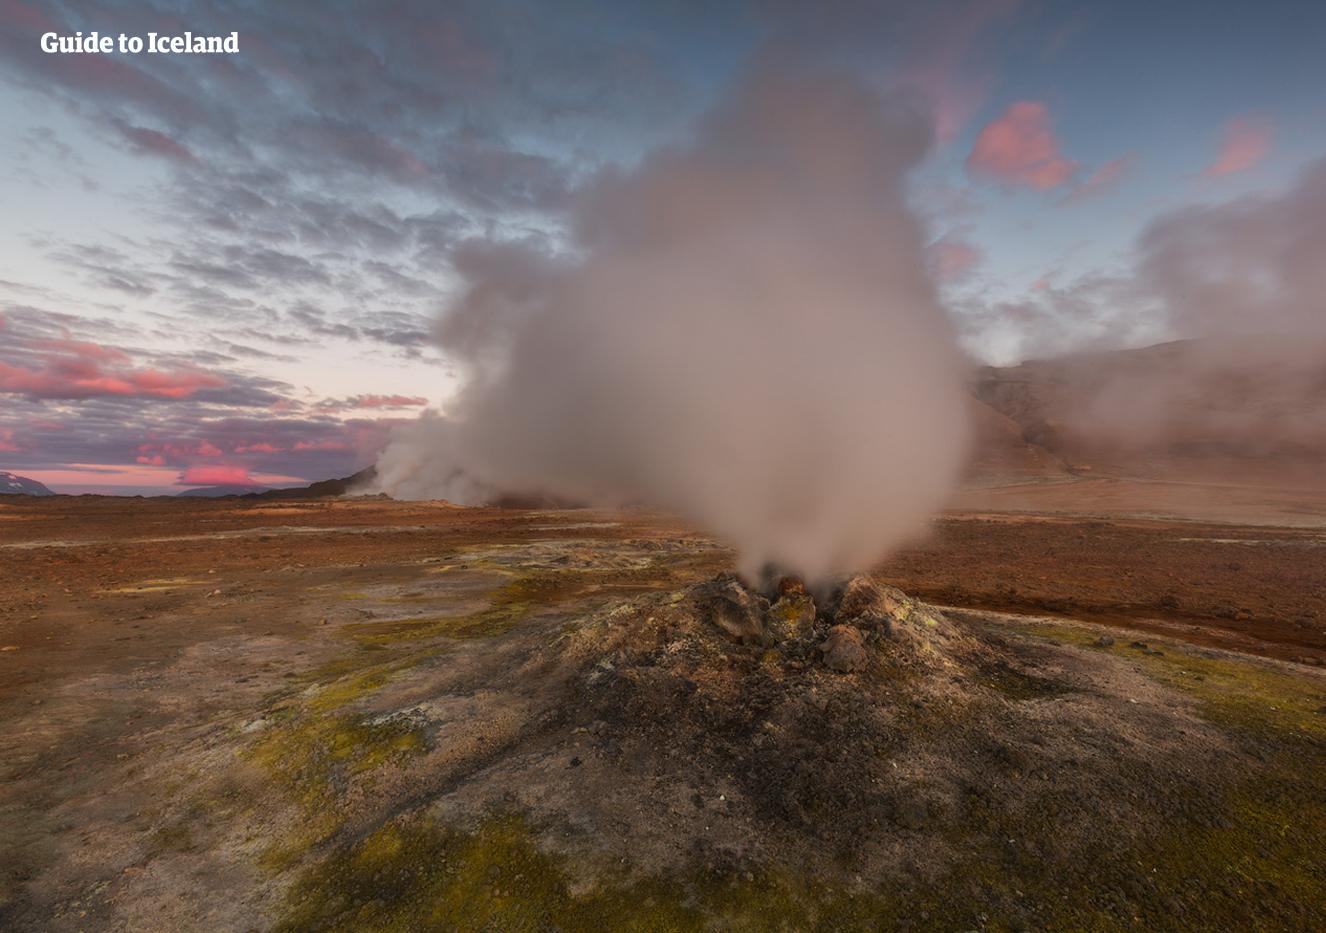 Fumerolles de vapeur et mares de boue en ébullition sur le col de Námaskard, près du lac Mývatn.